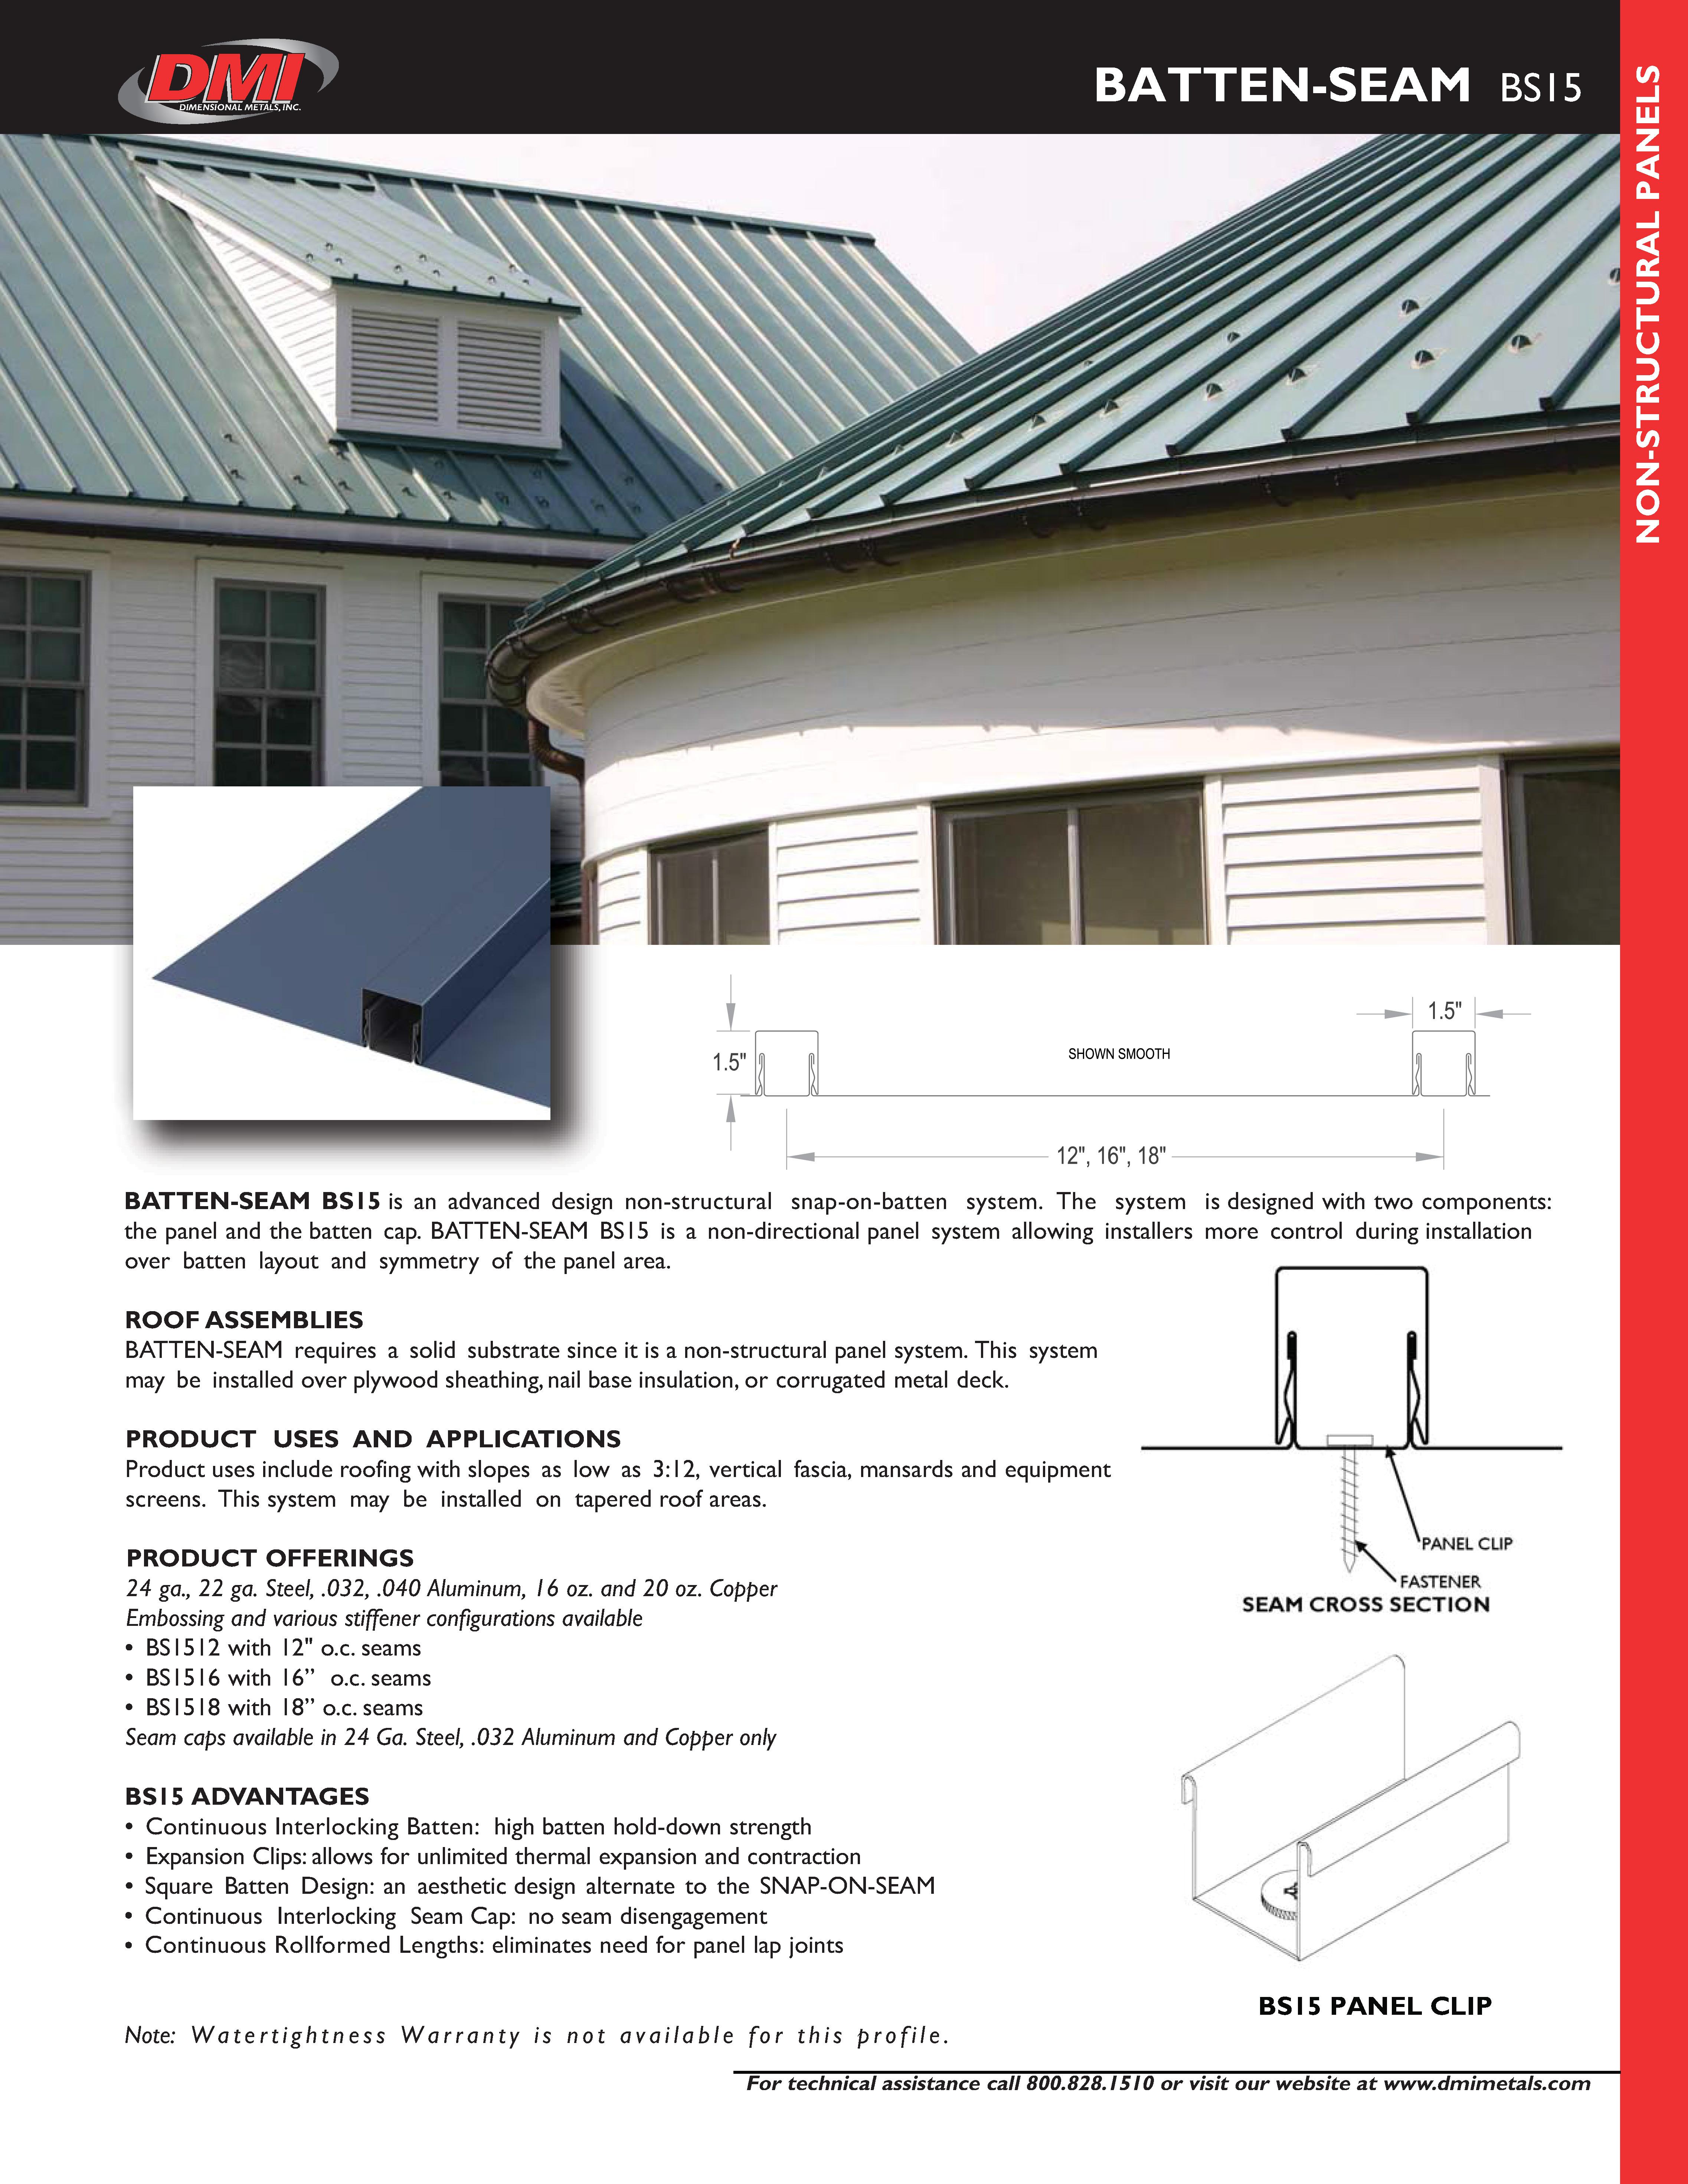 BS15 Cut Sheet